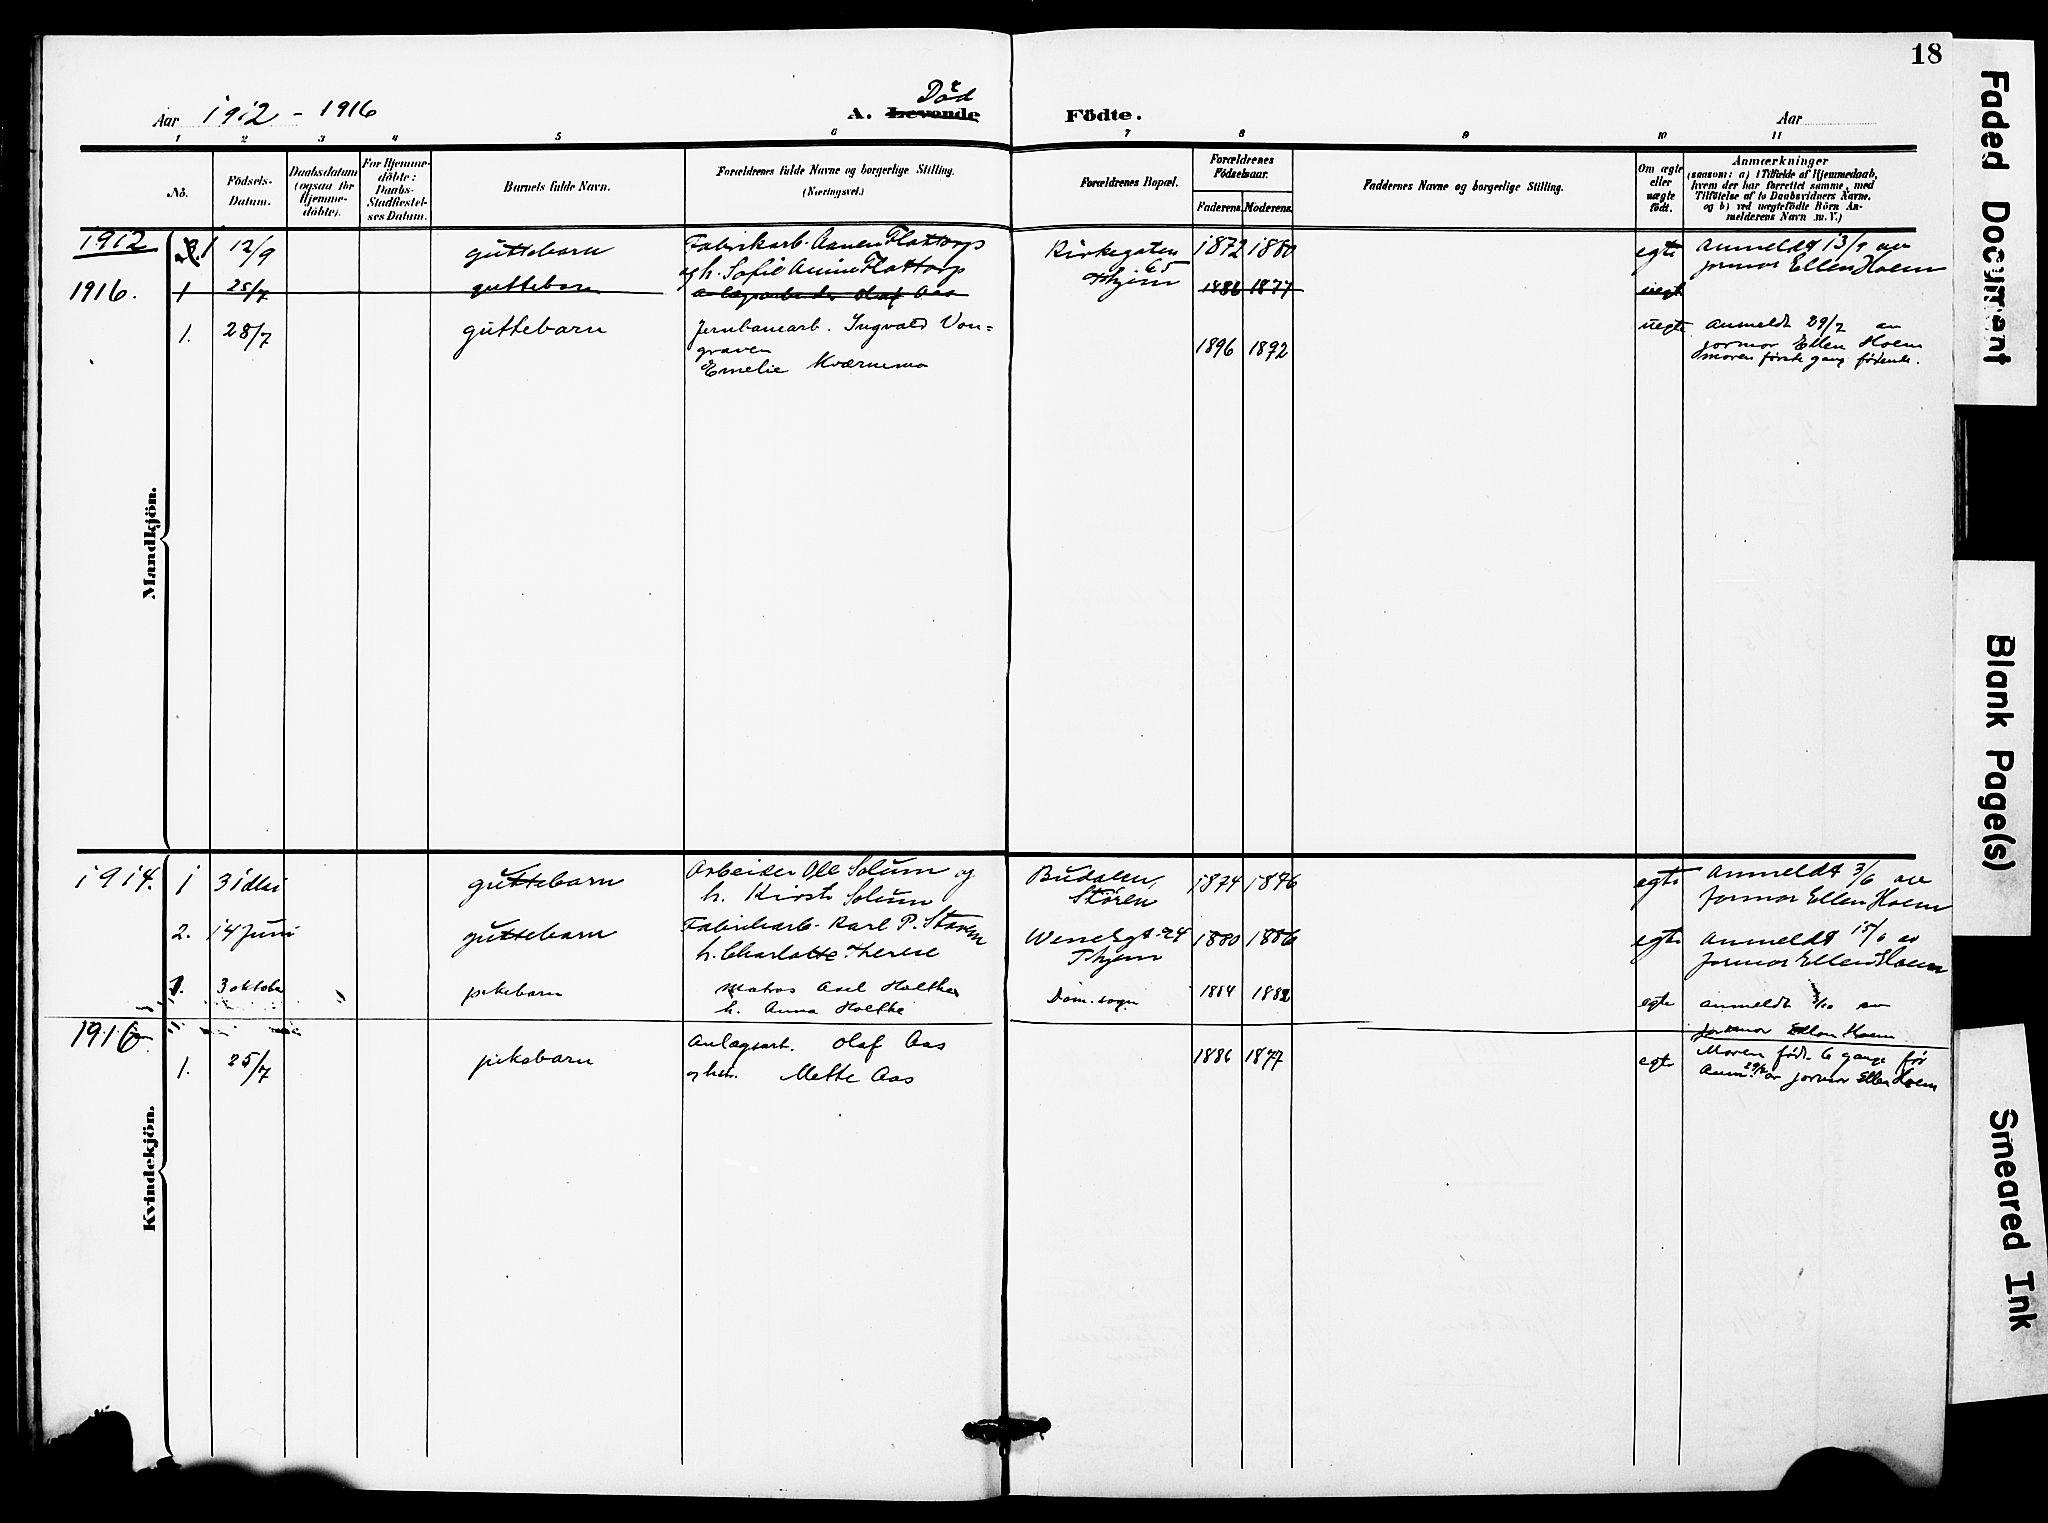 SAT, Ministerialprotokoller, klokkerbøker og fødselsregistre - Sør-Trøndelag, 628/L0483: Ministerialbok nr. 628A01, 1902-1920, s. 18